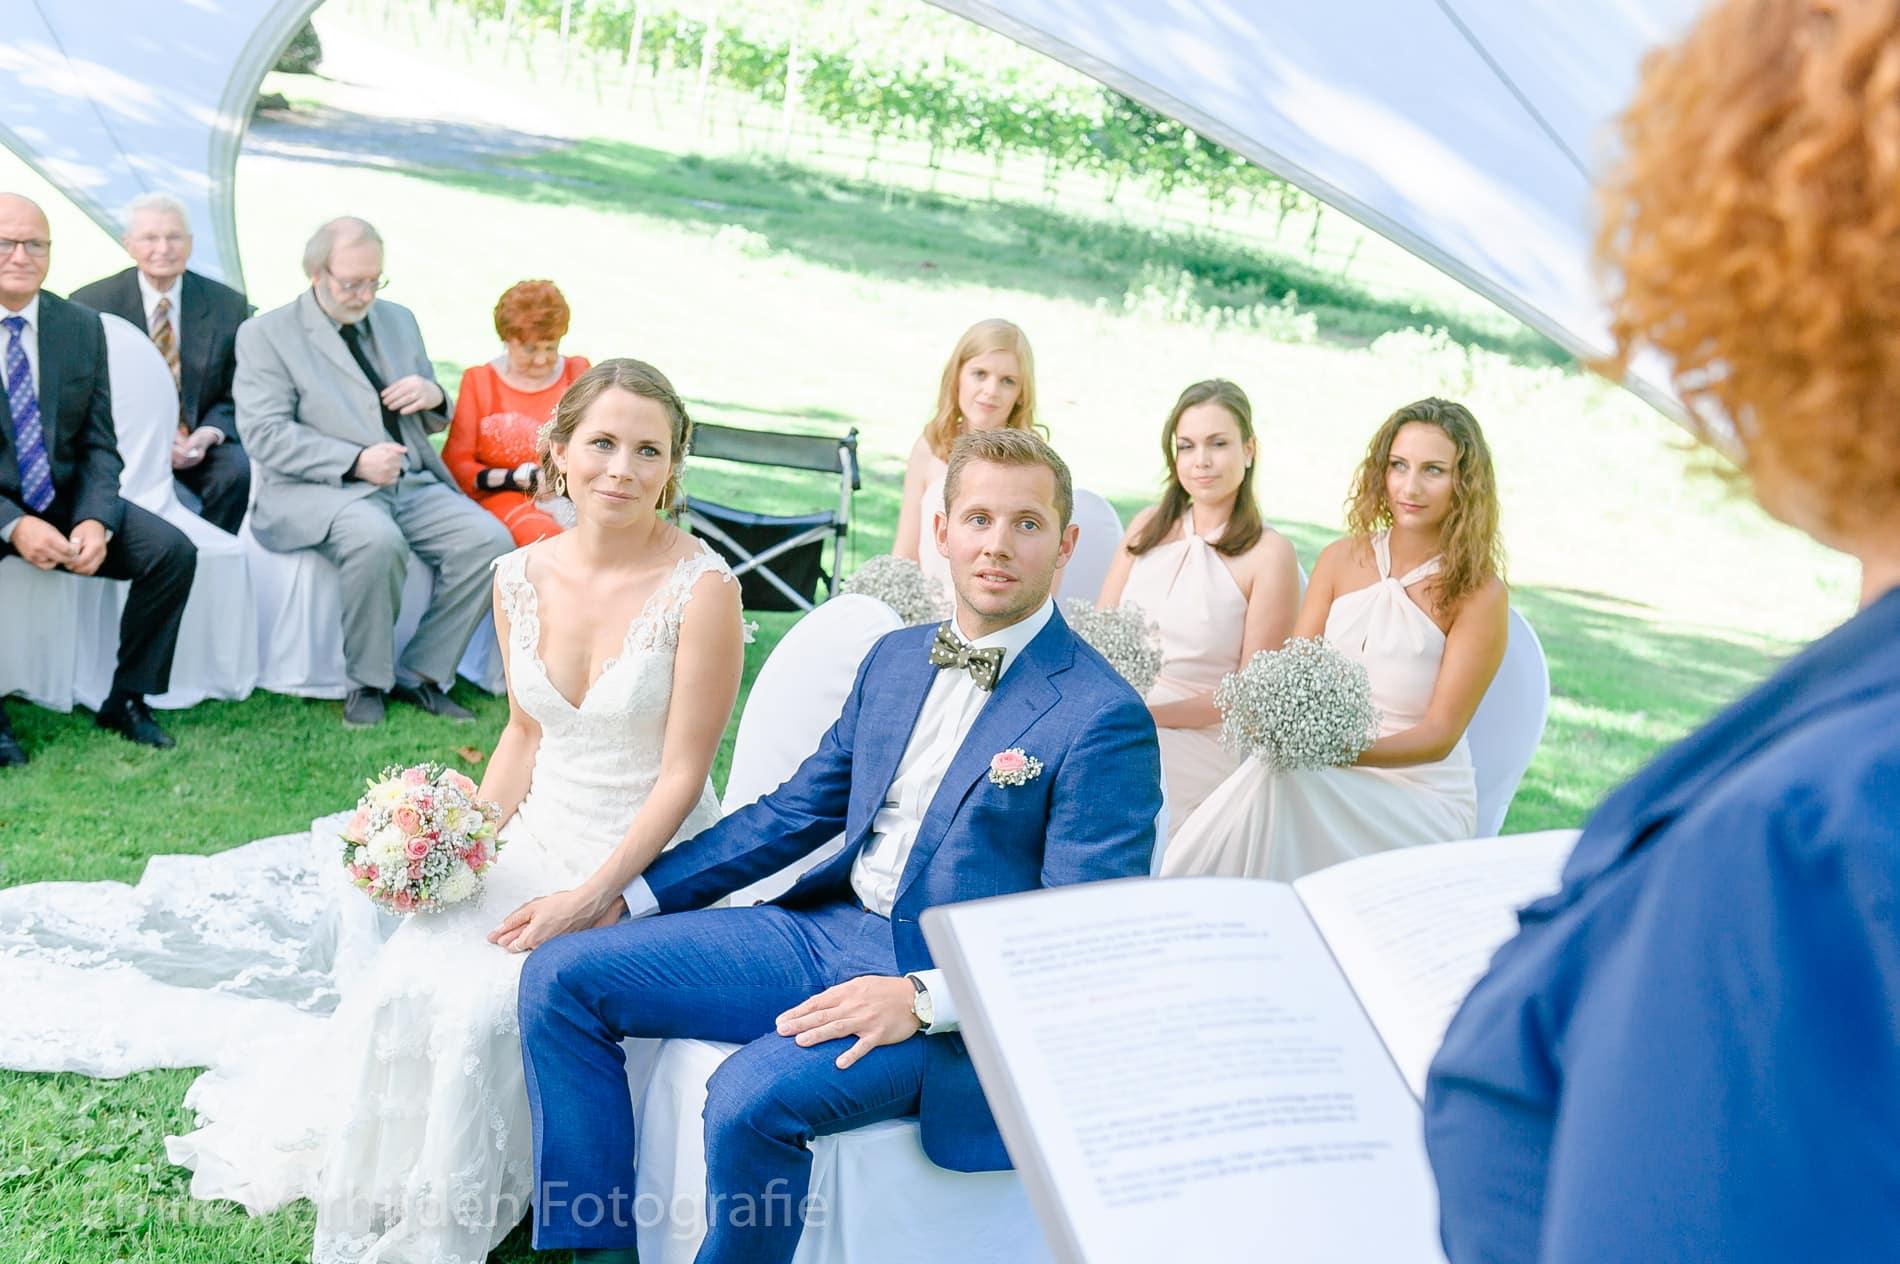 het wettelijk huwelijk buiten in de tuin onder de tent